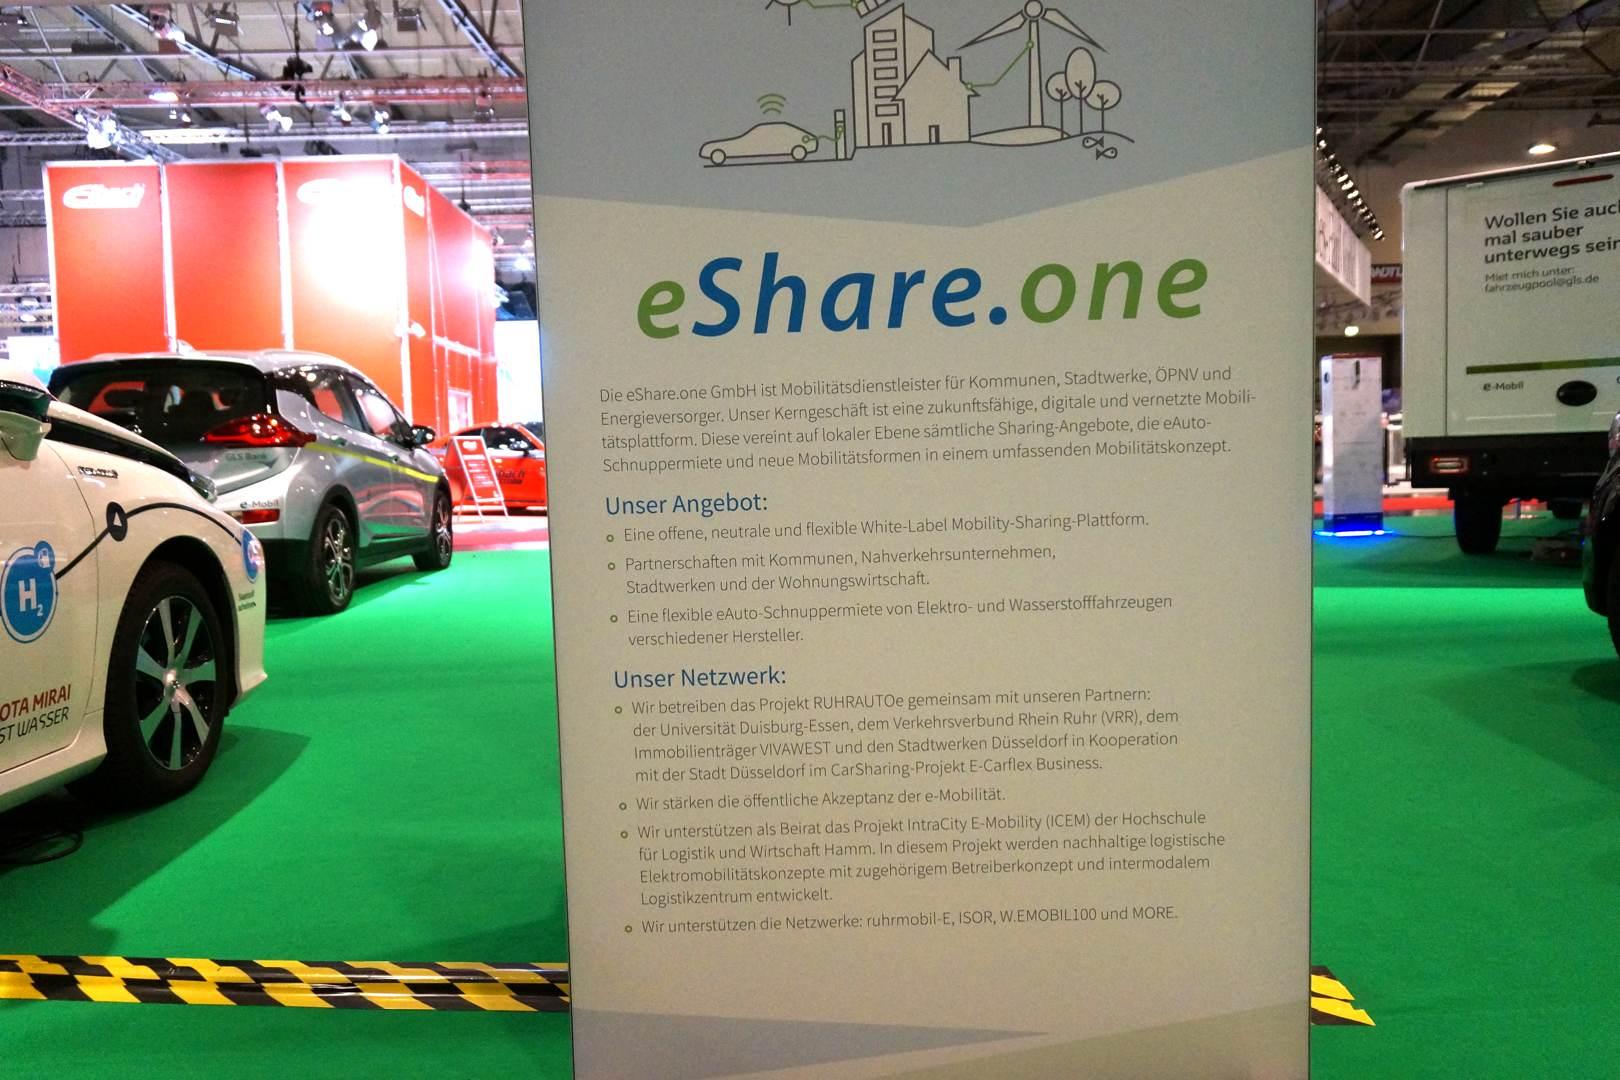 eShare.One